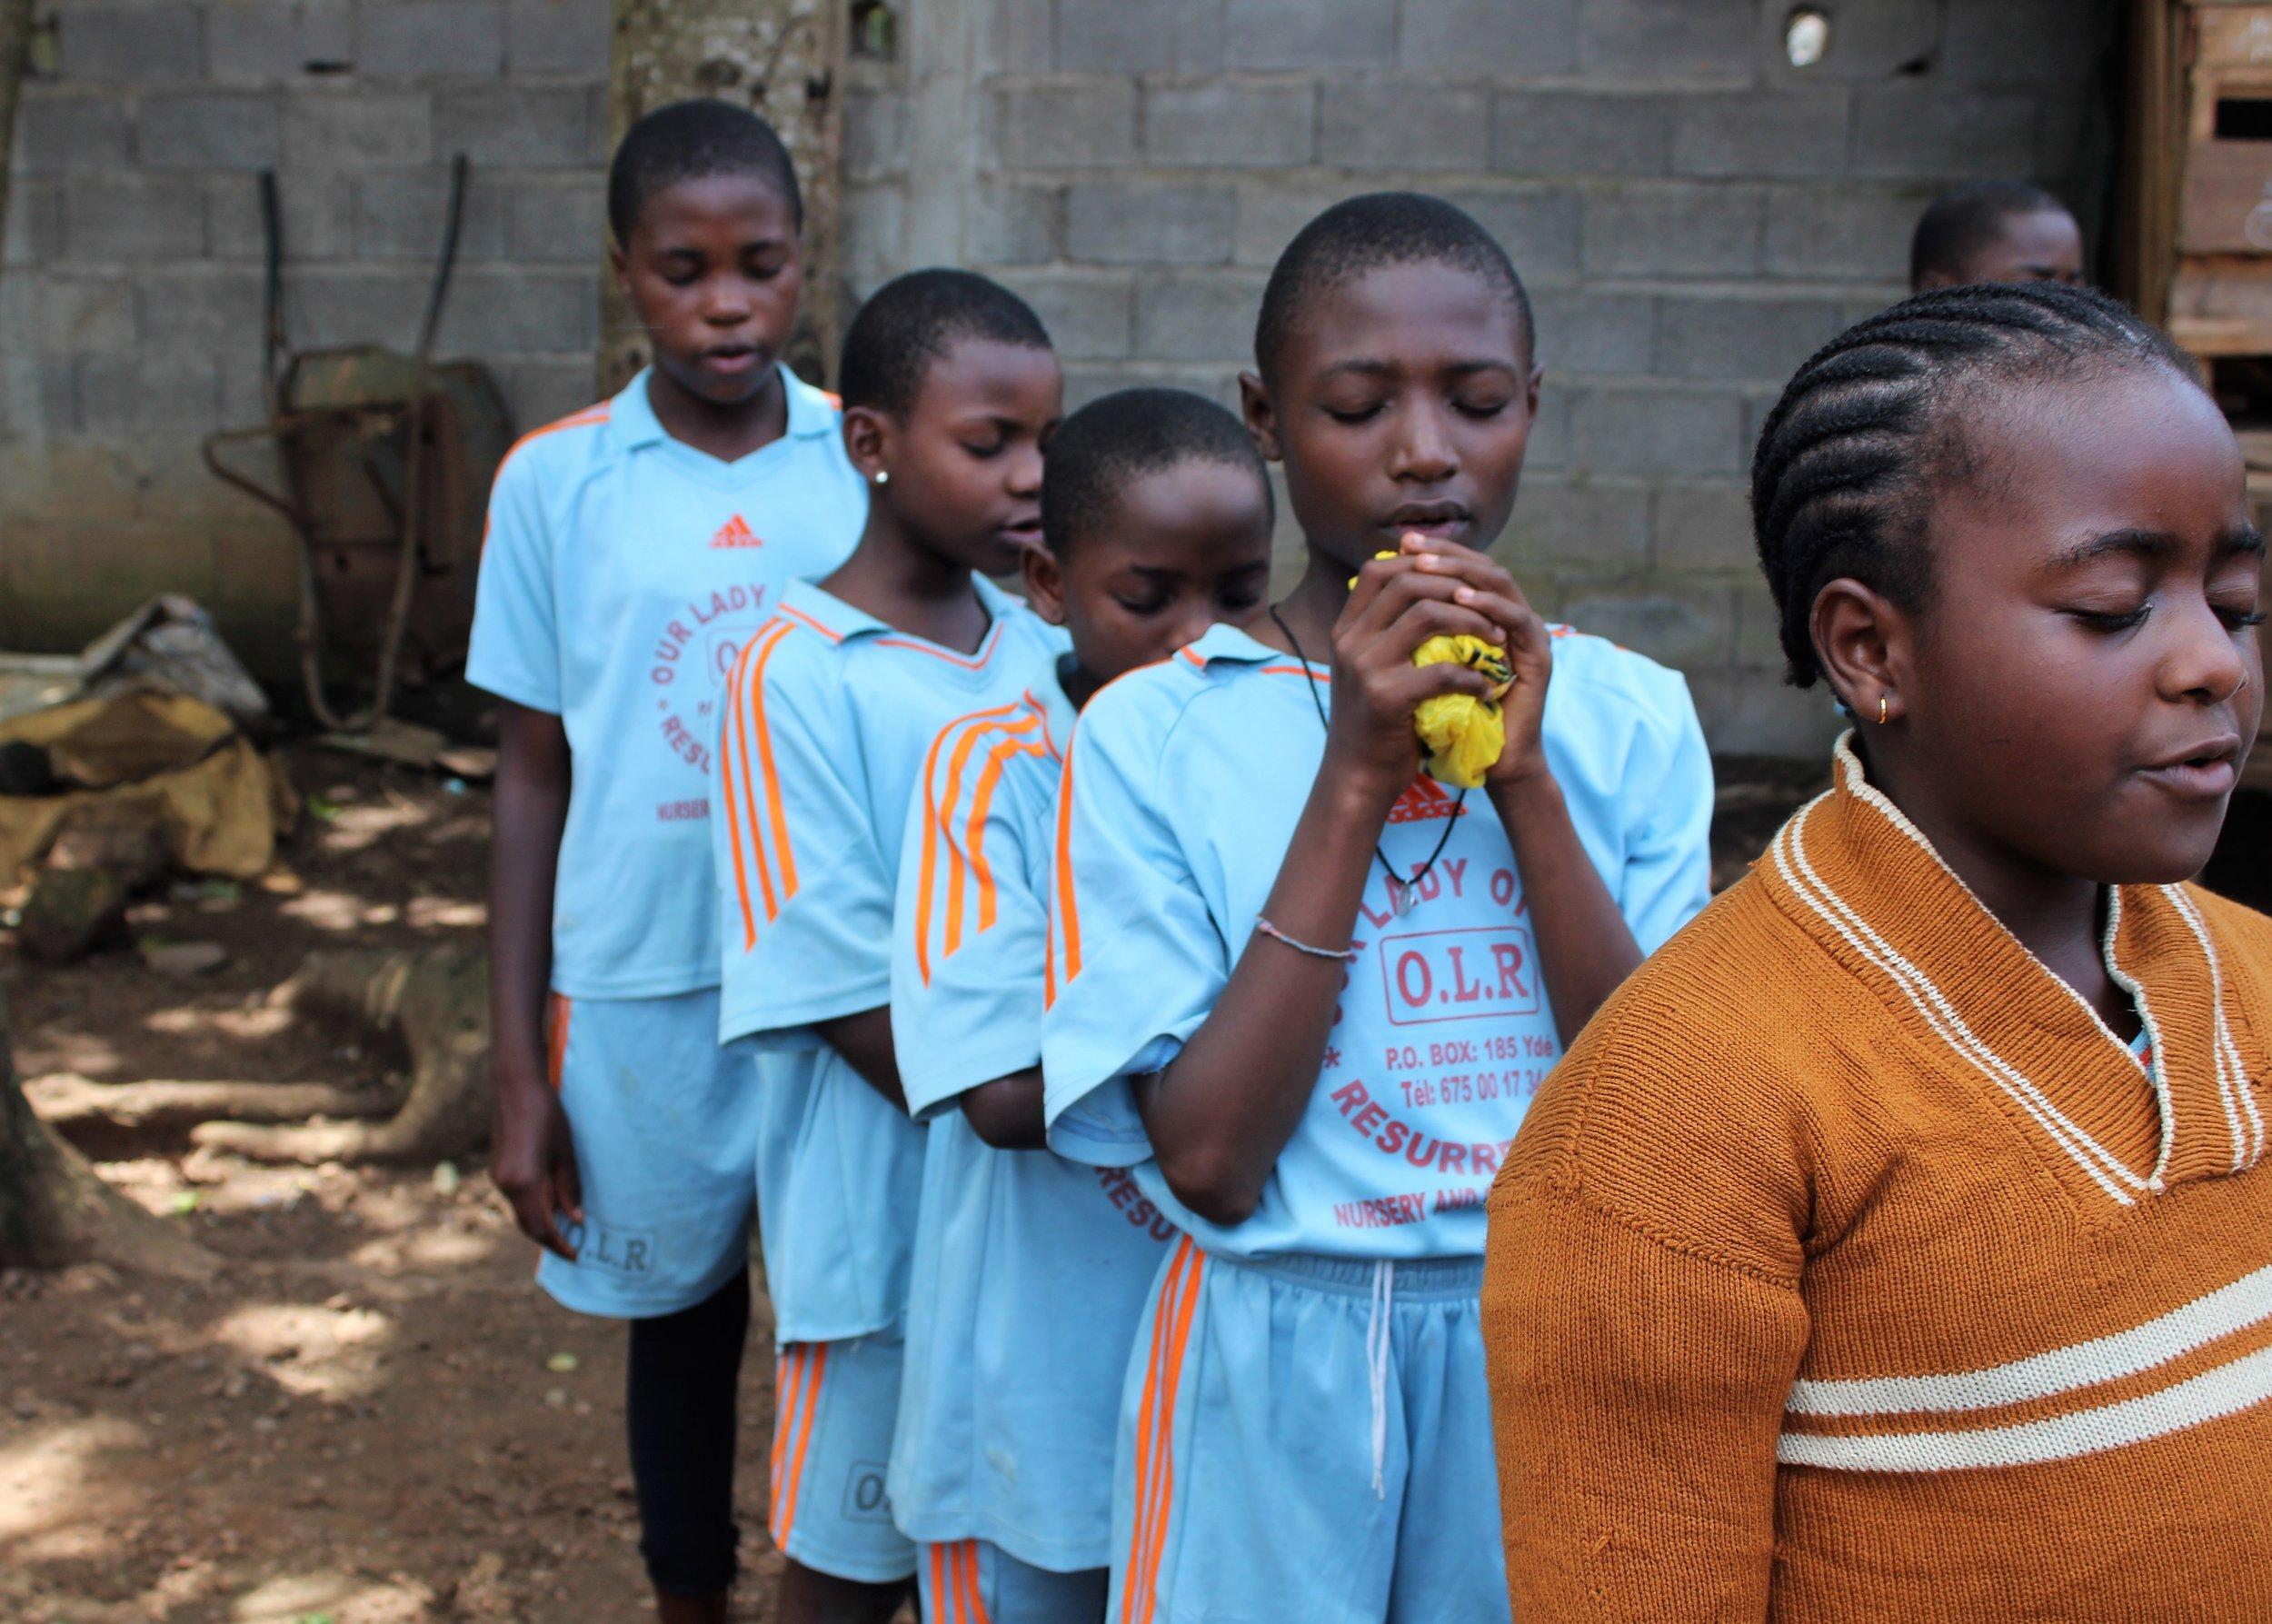 """Kdo jsme a proč právě Afrika? - """"Naděje je pilířem světa"""" — Africké přísloví"""